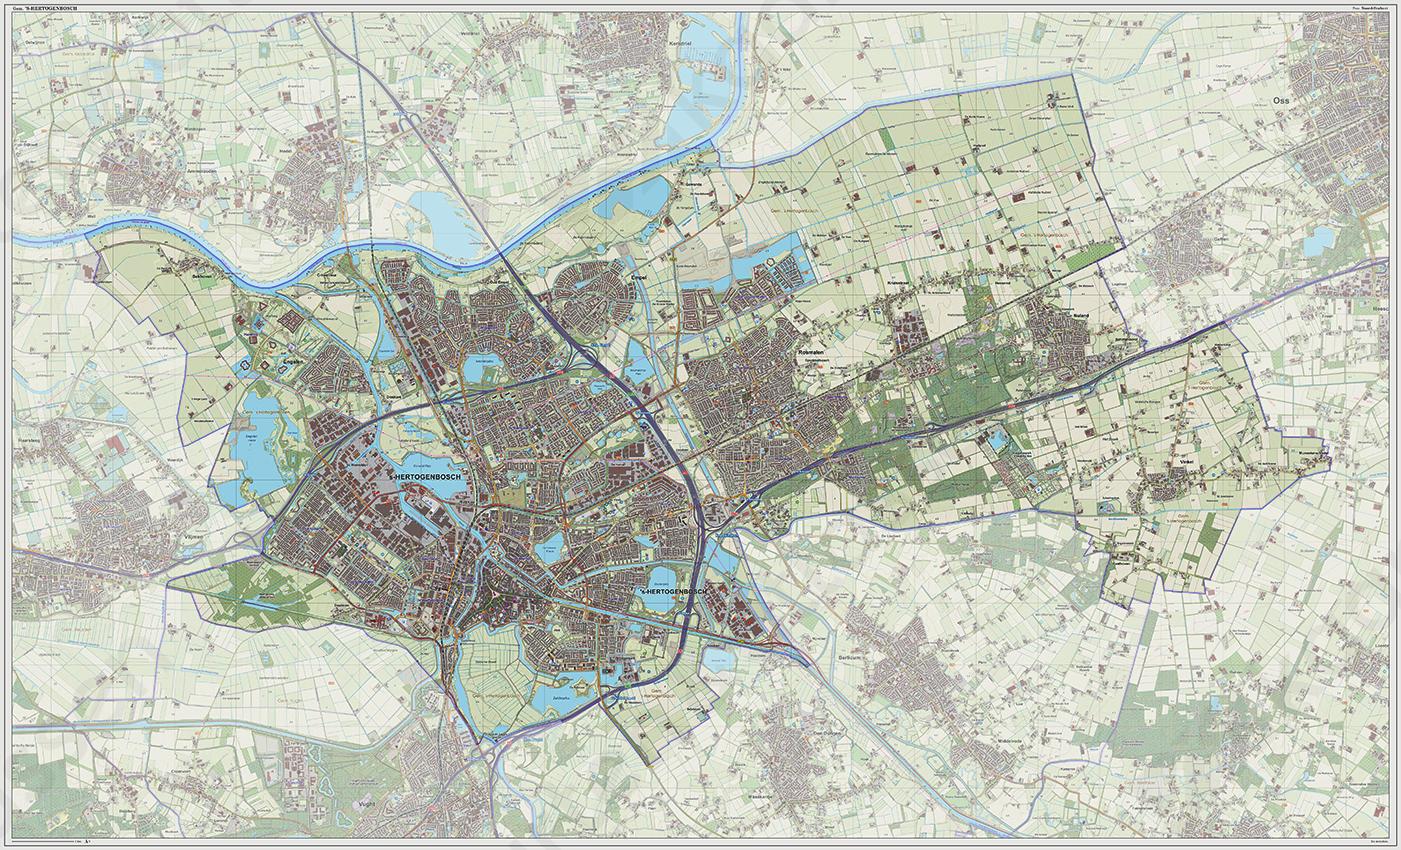 Gemeente s Hertogenbosch